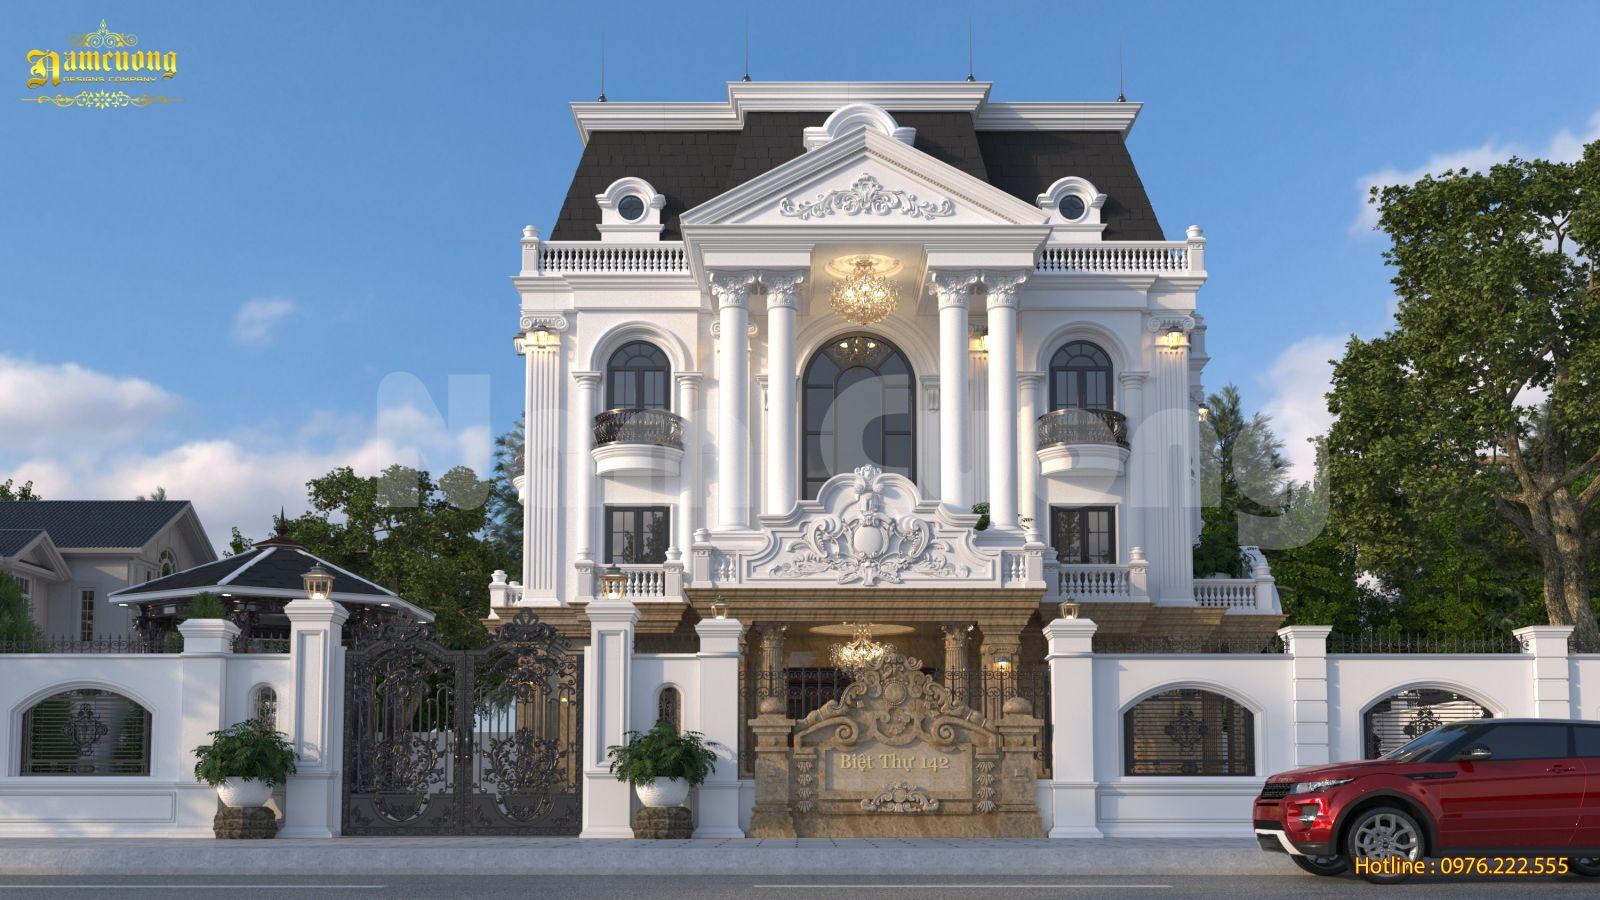 Mẫu thiết kế biệt thự Pháp 4 tầng đẳng cấp hoàng gia